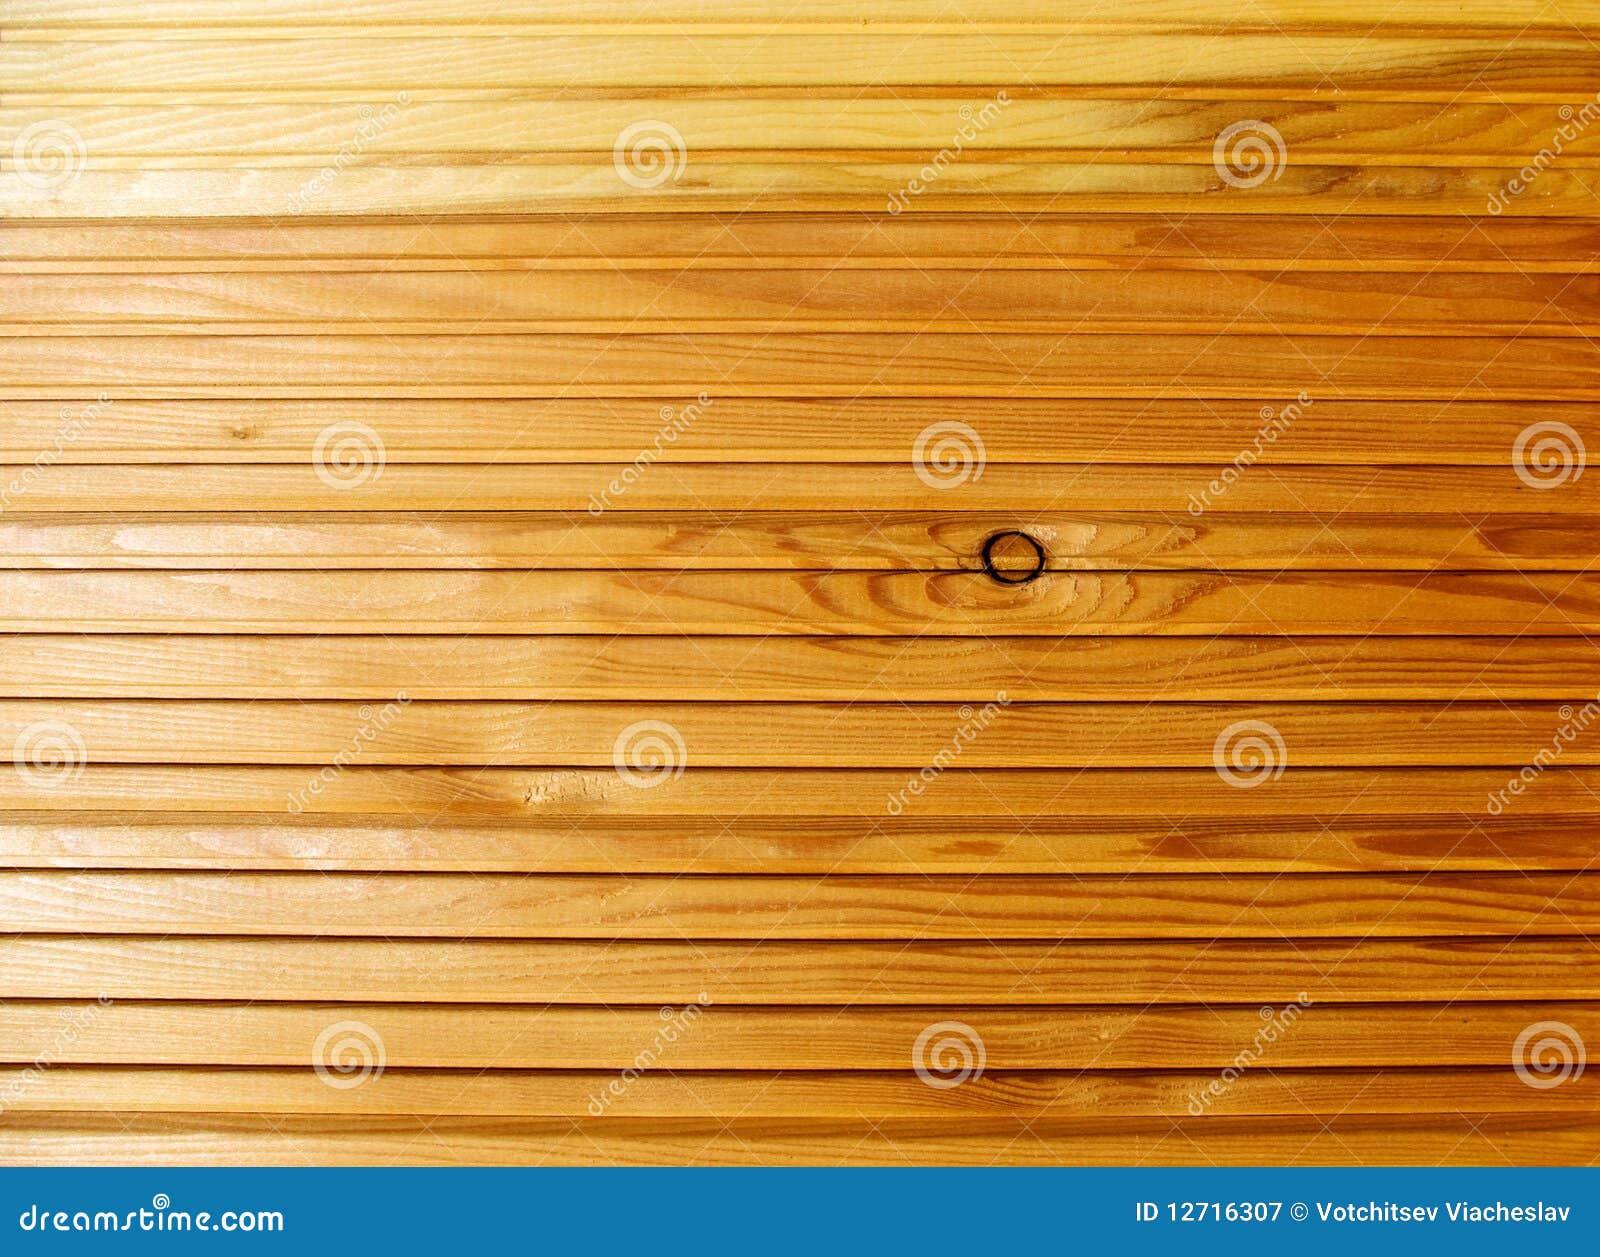 planche en bois de pin horizontale image stock image du d cor rupture 12716307. Black Bedroom Furniture Sets. Home Design Ideas